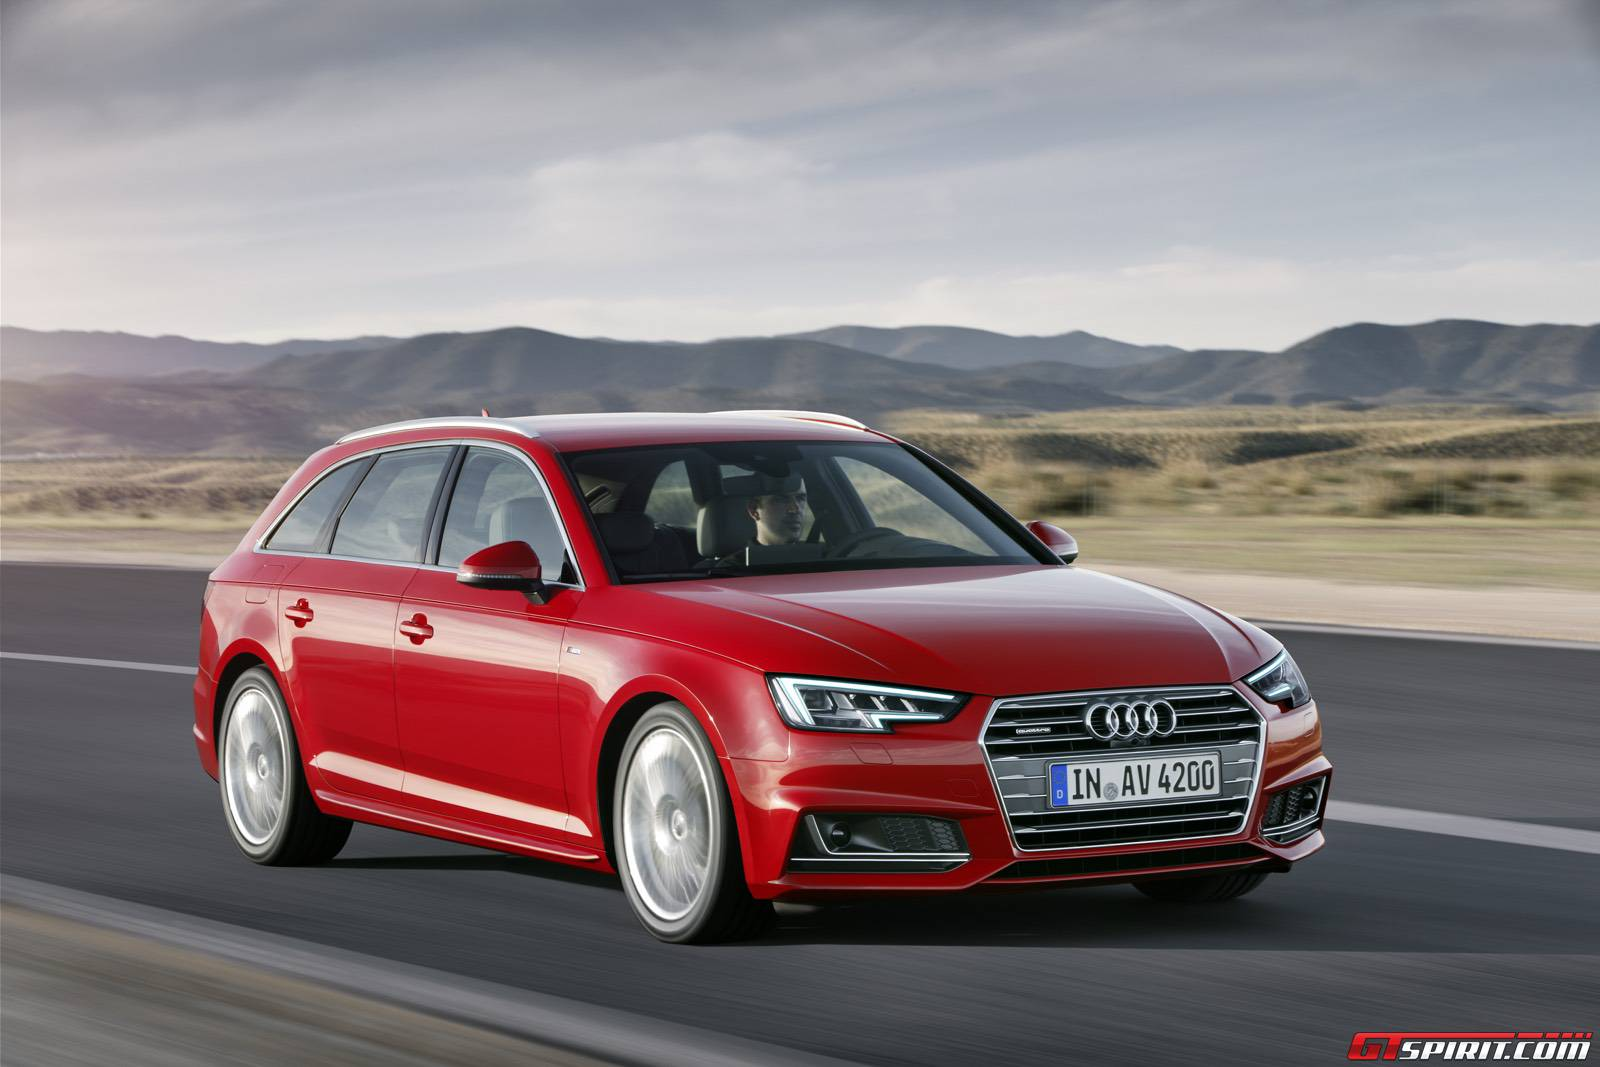 Audi A Range Priced In Germany GTspirit - Audi car range 2016